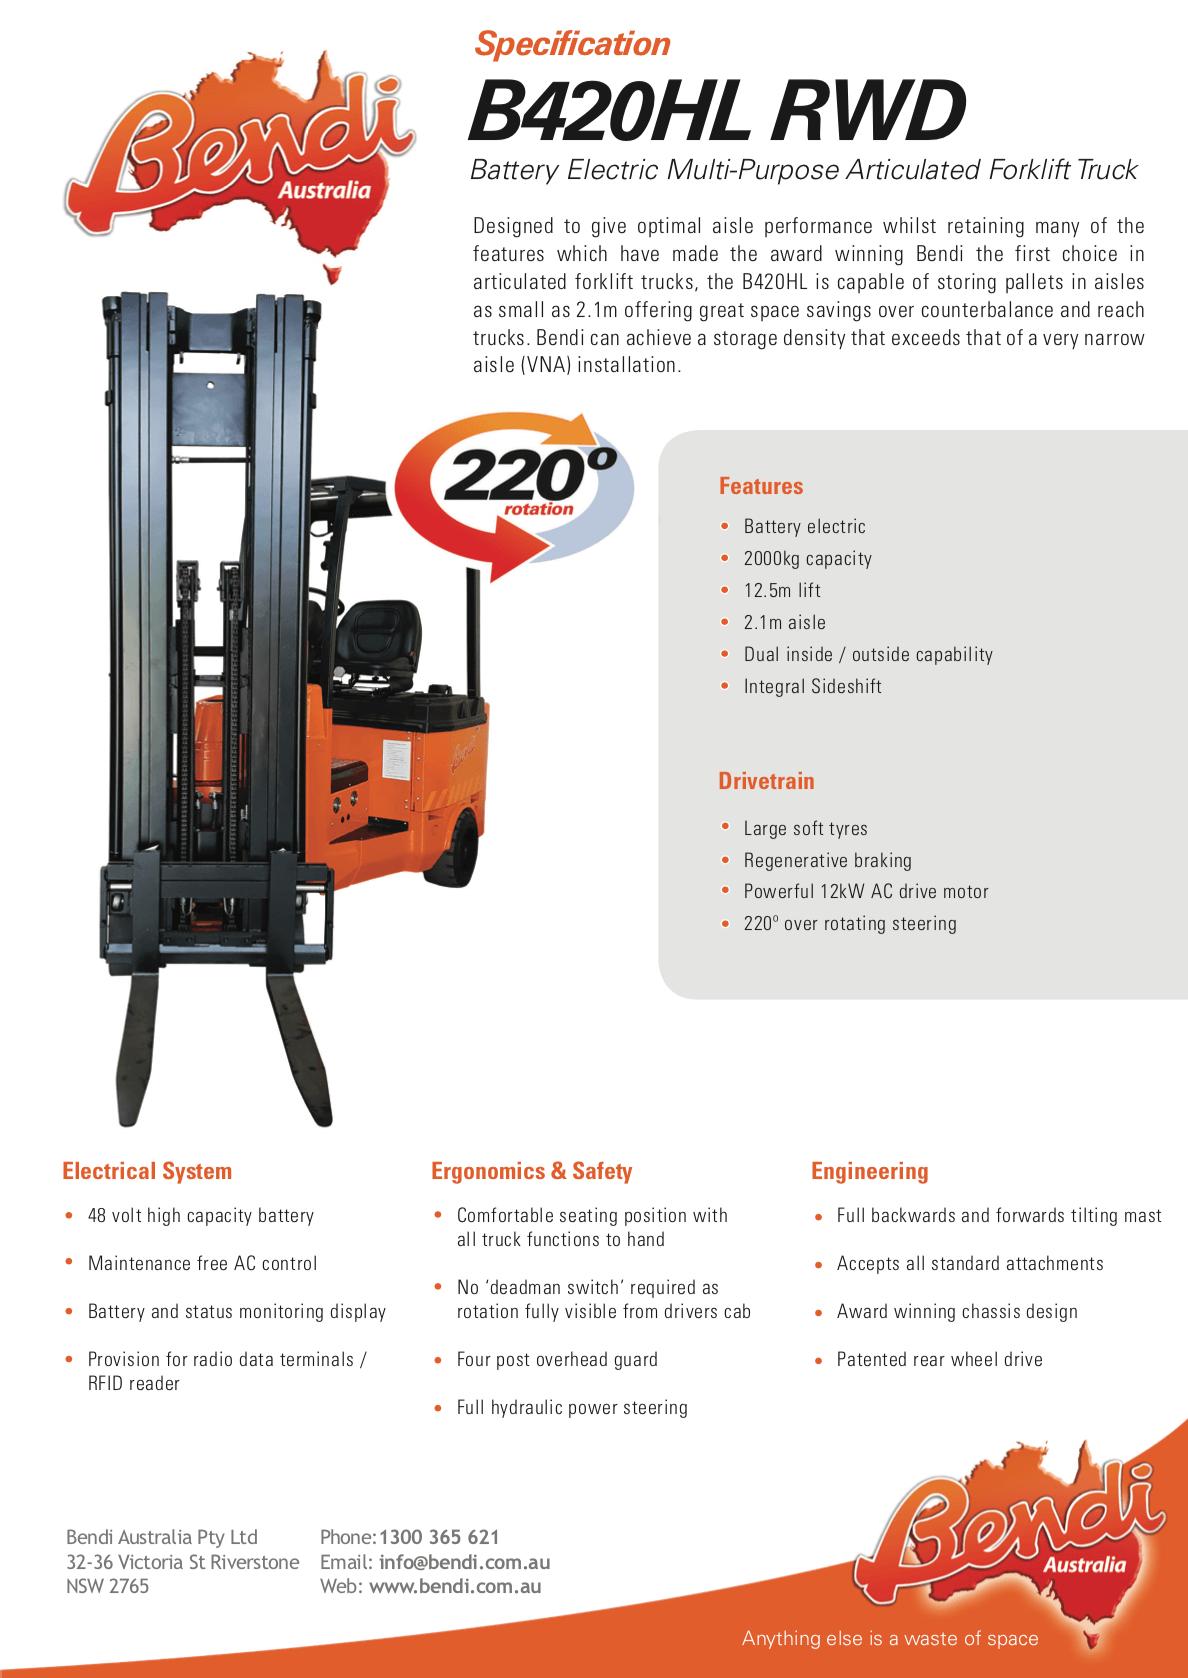 B420HL RWD Forklift